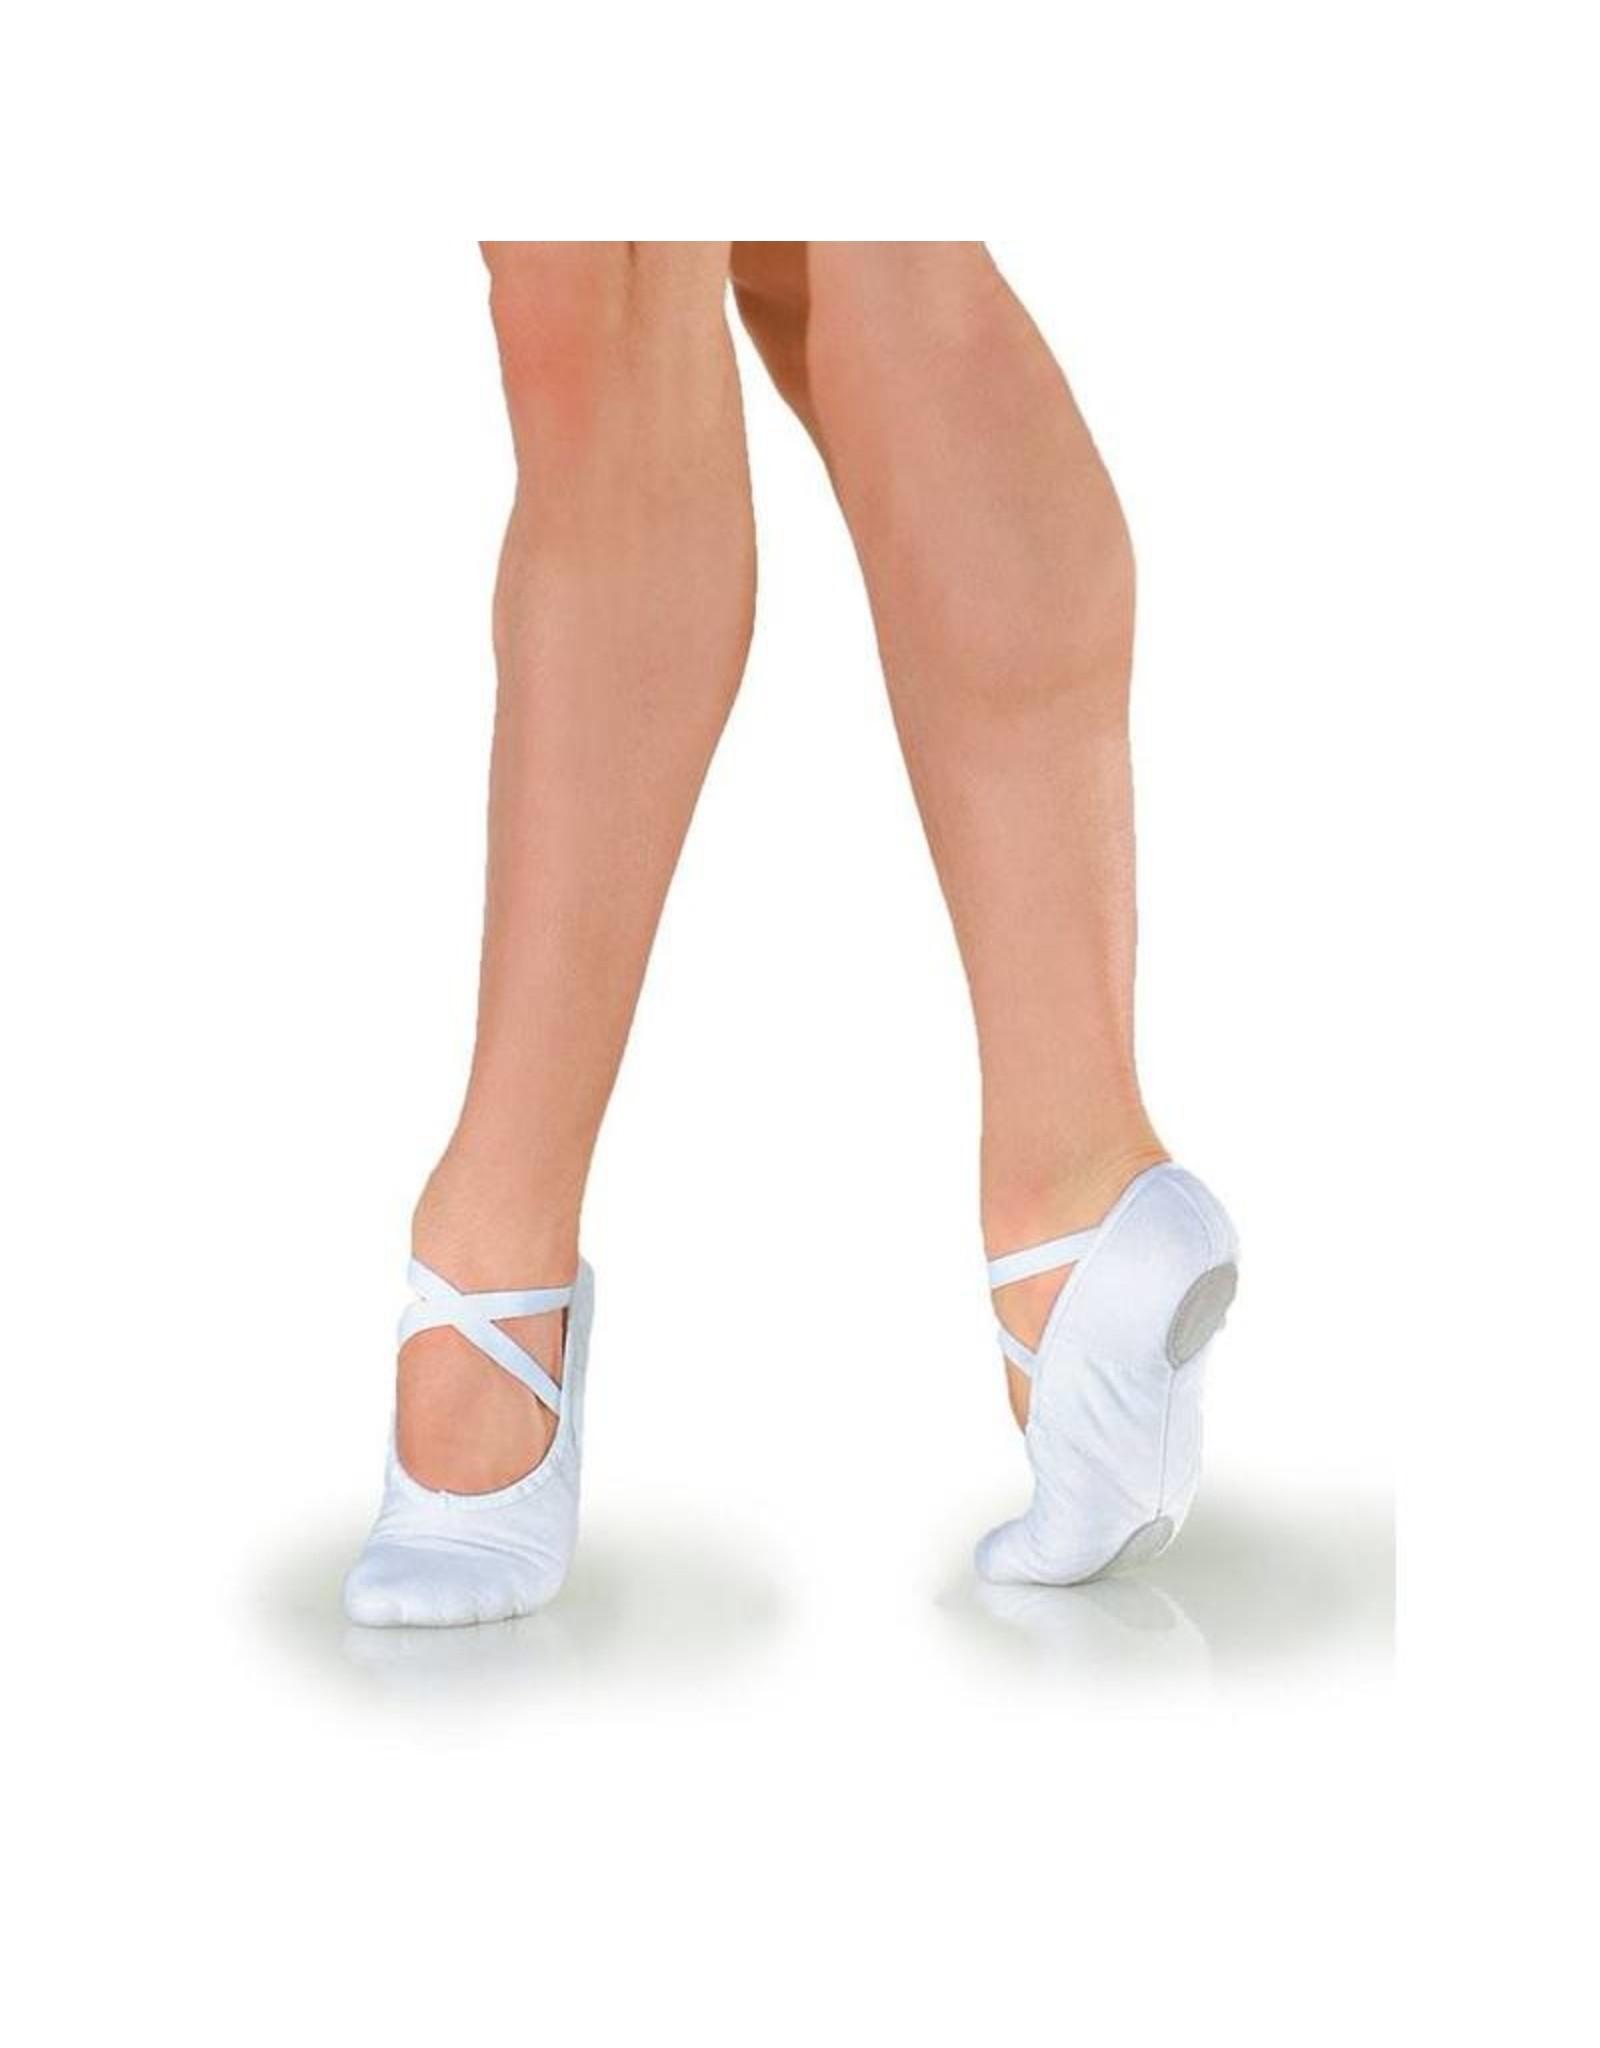 SoDanća BA23 Canvas split sole ballet slipper WHITE